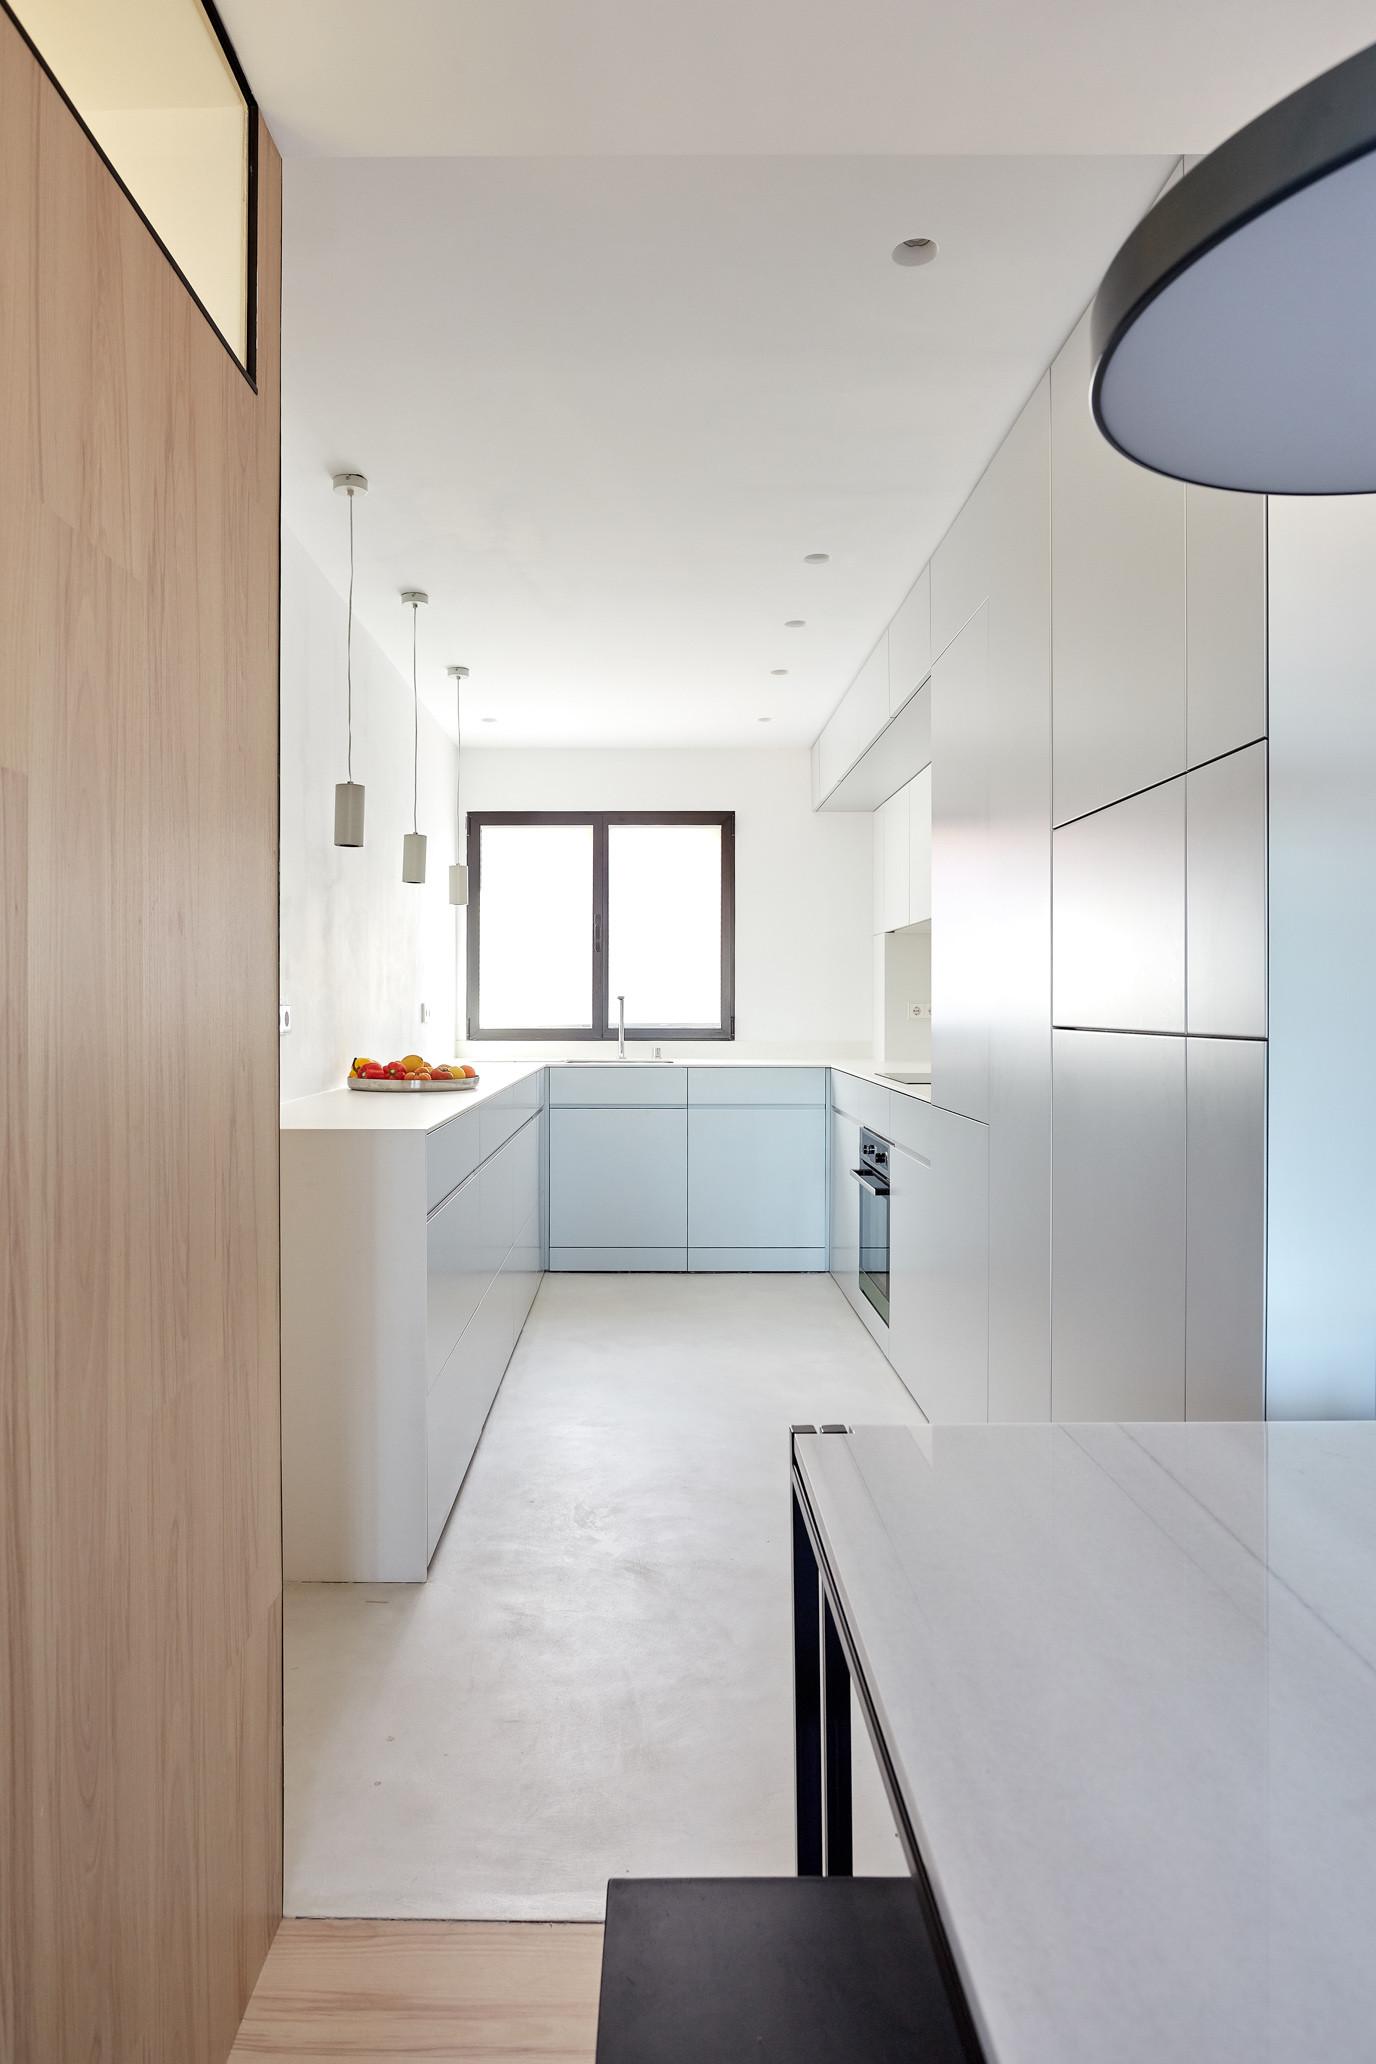 Zona de cocina.